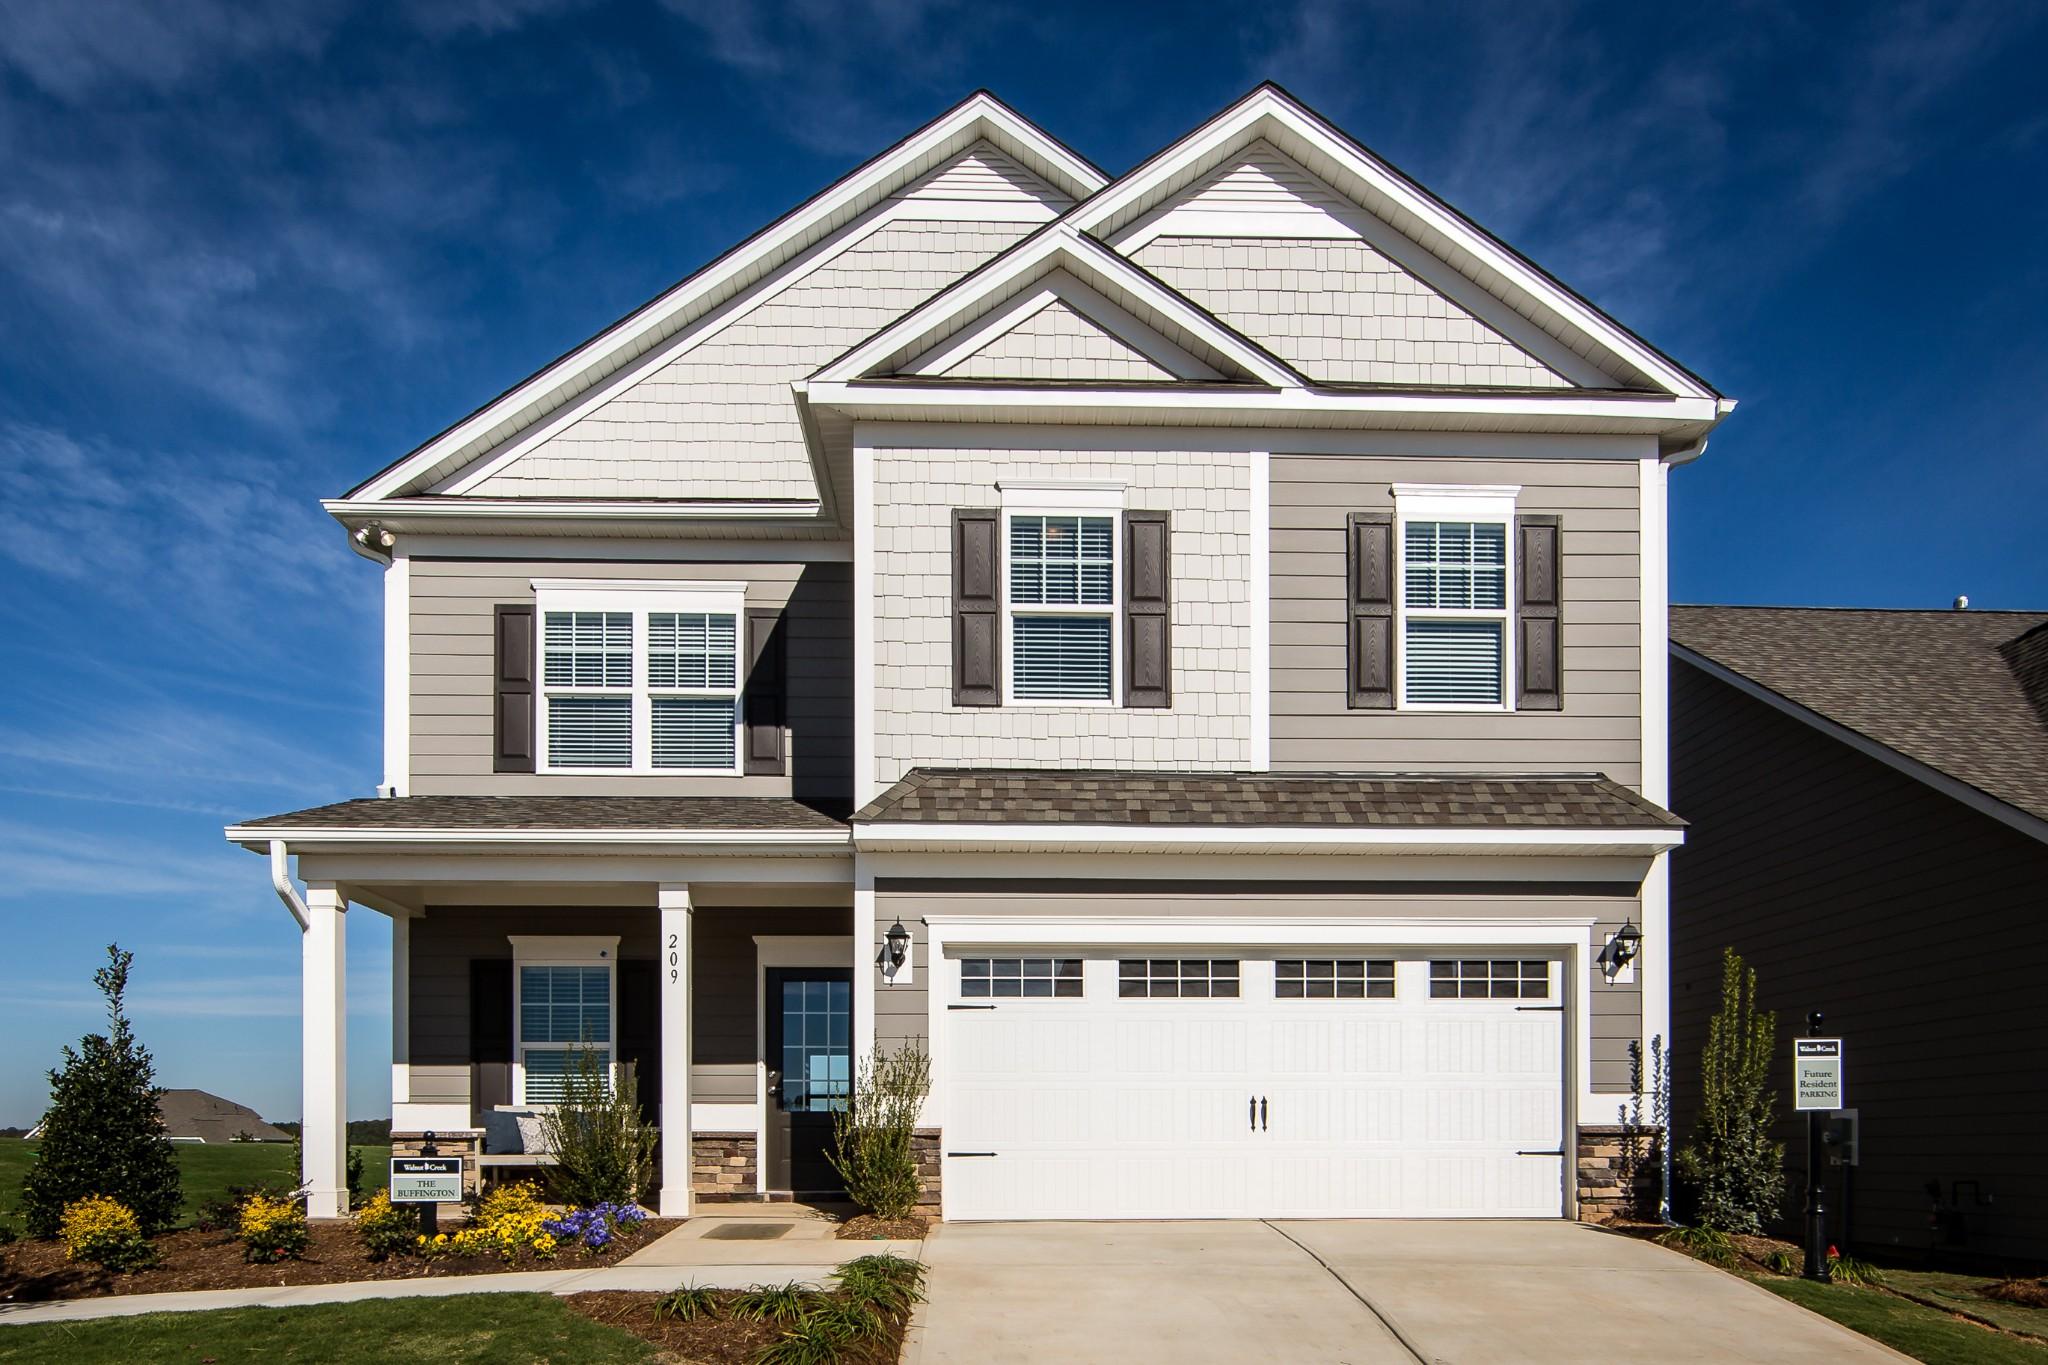 179 Begonia Drive, Smyrna, TN 37167 - Smyrna, TN real estate listing